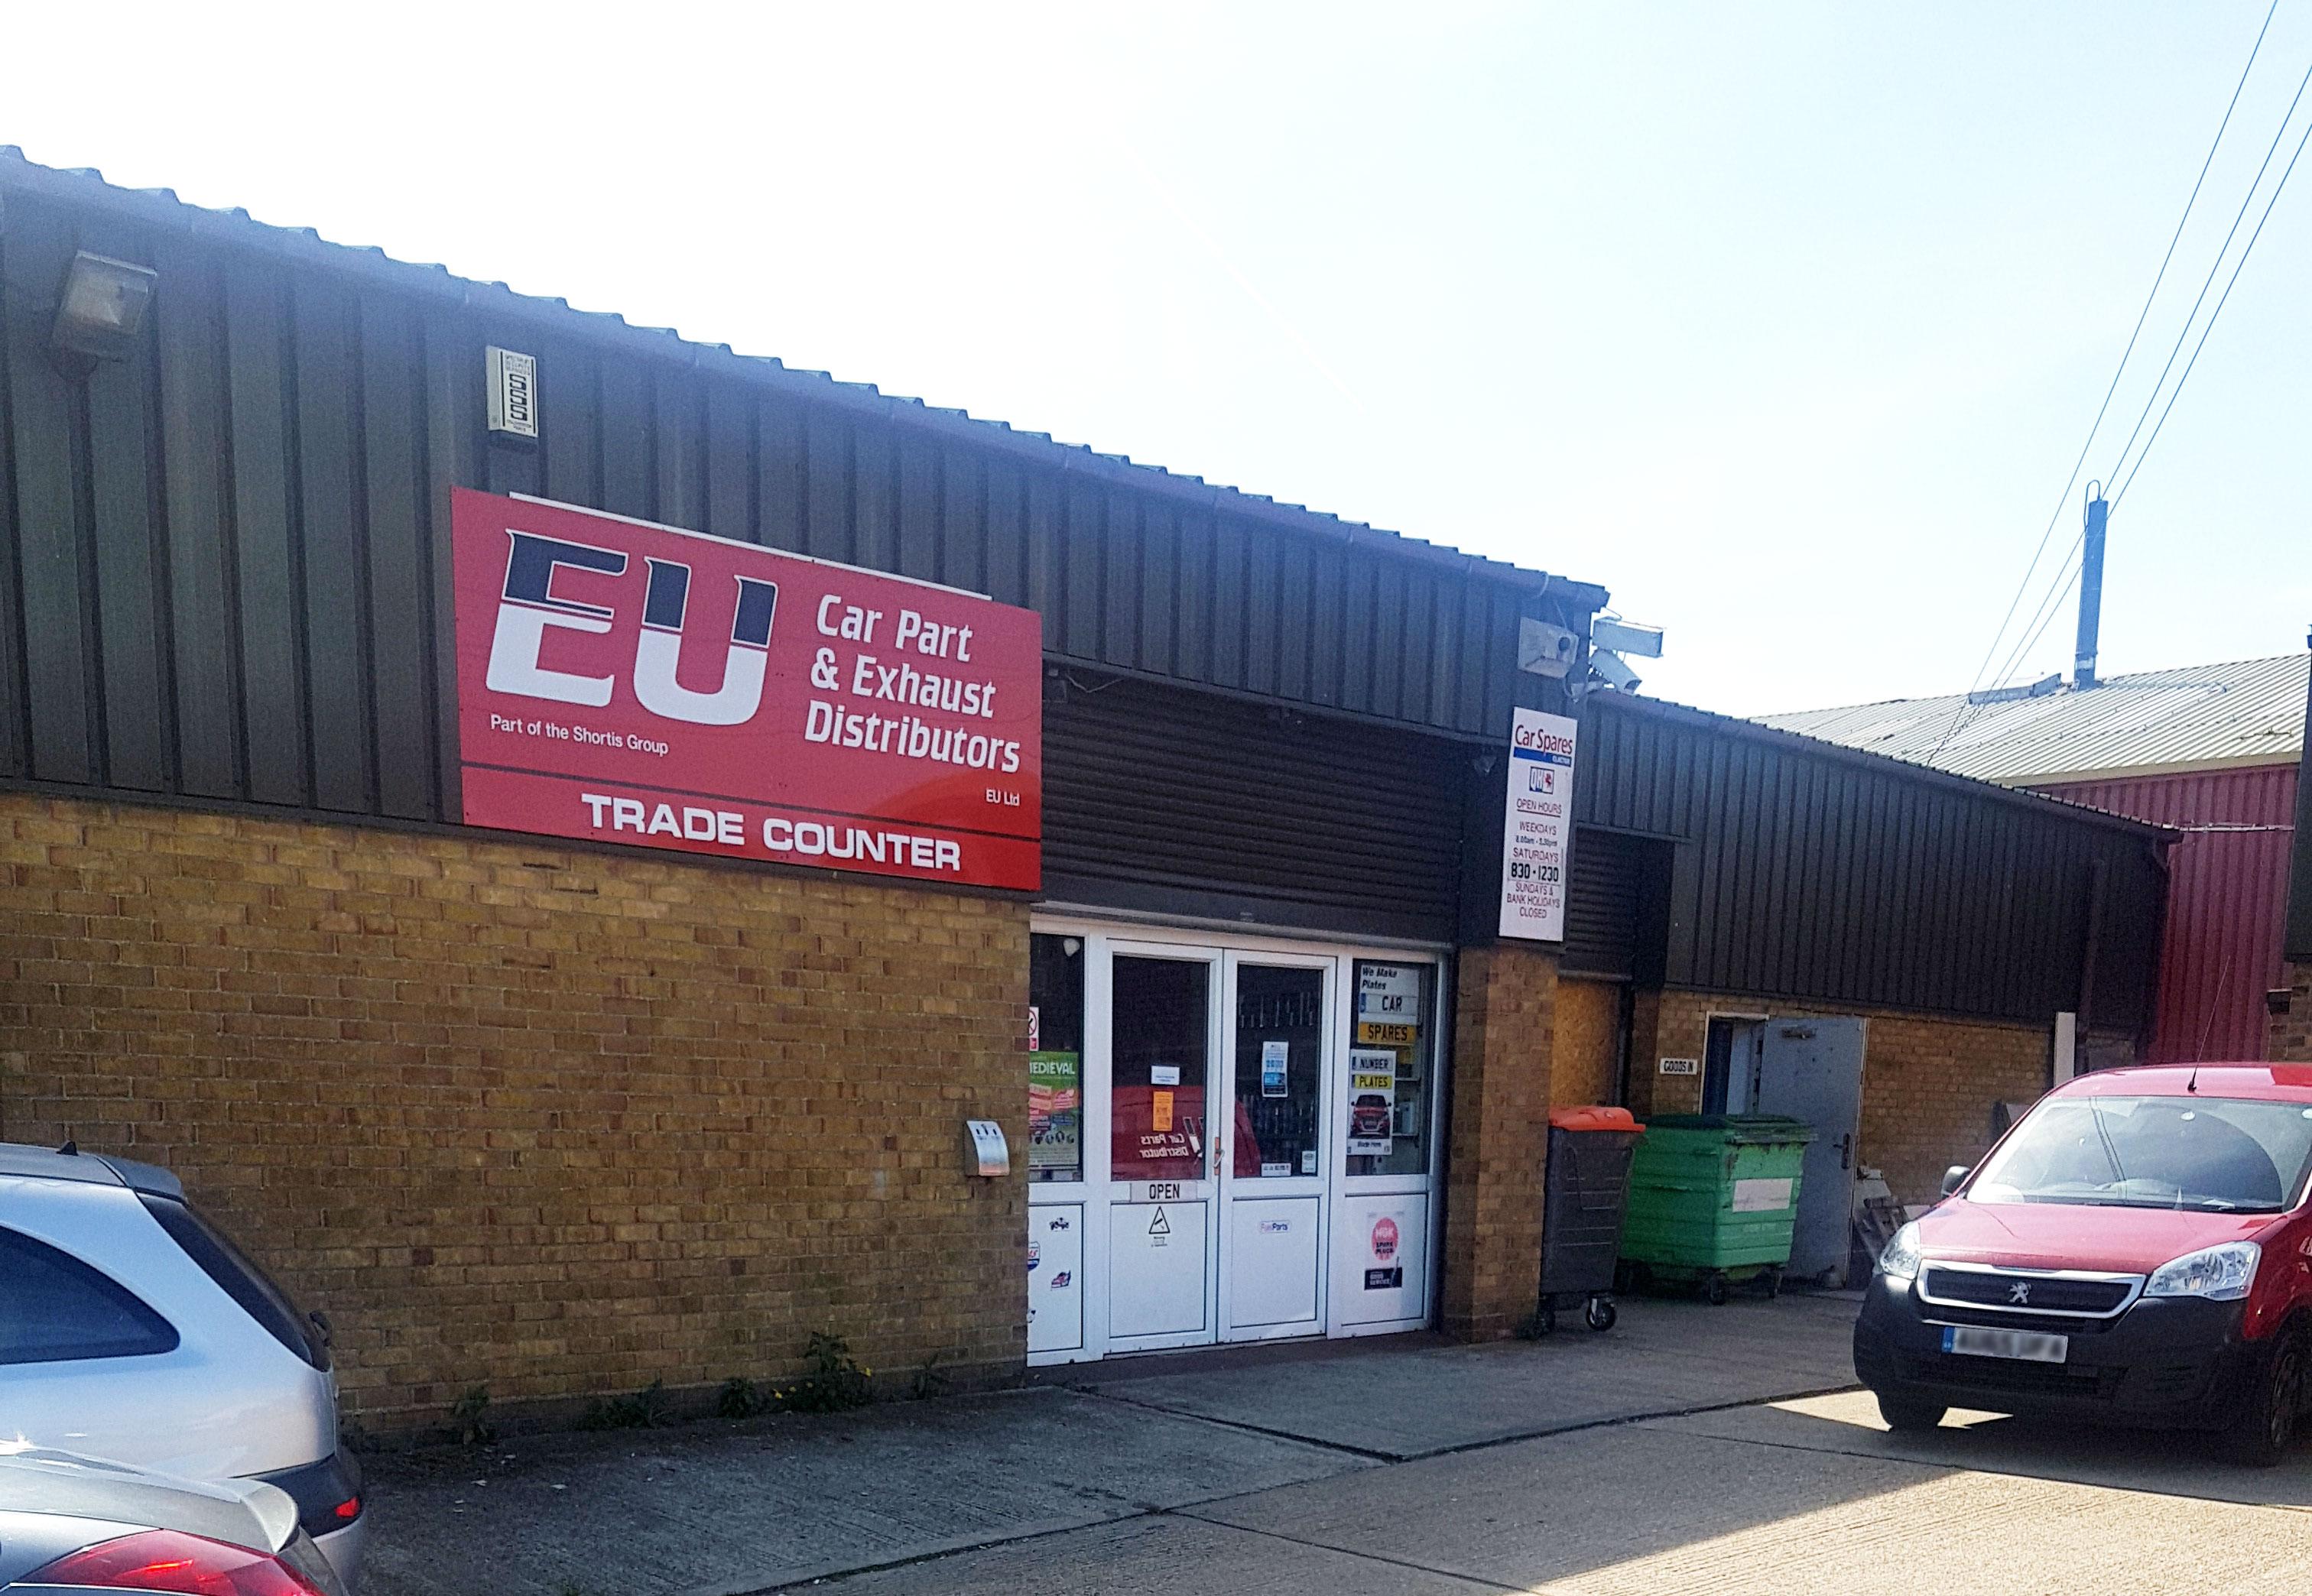 EU Ltd